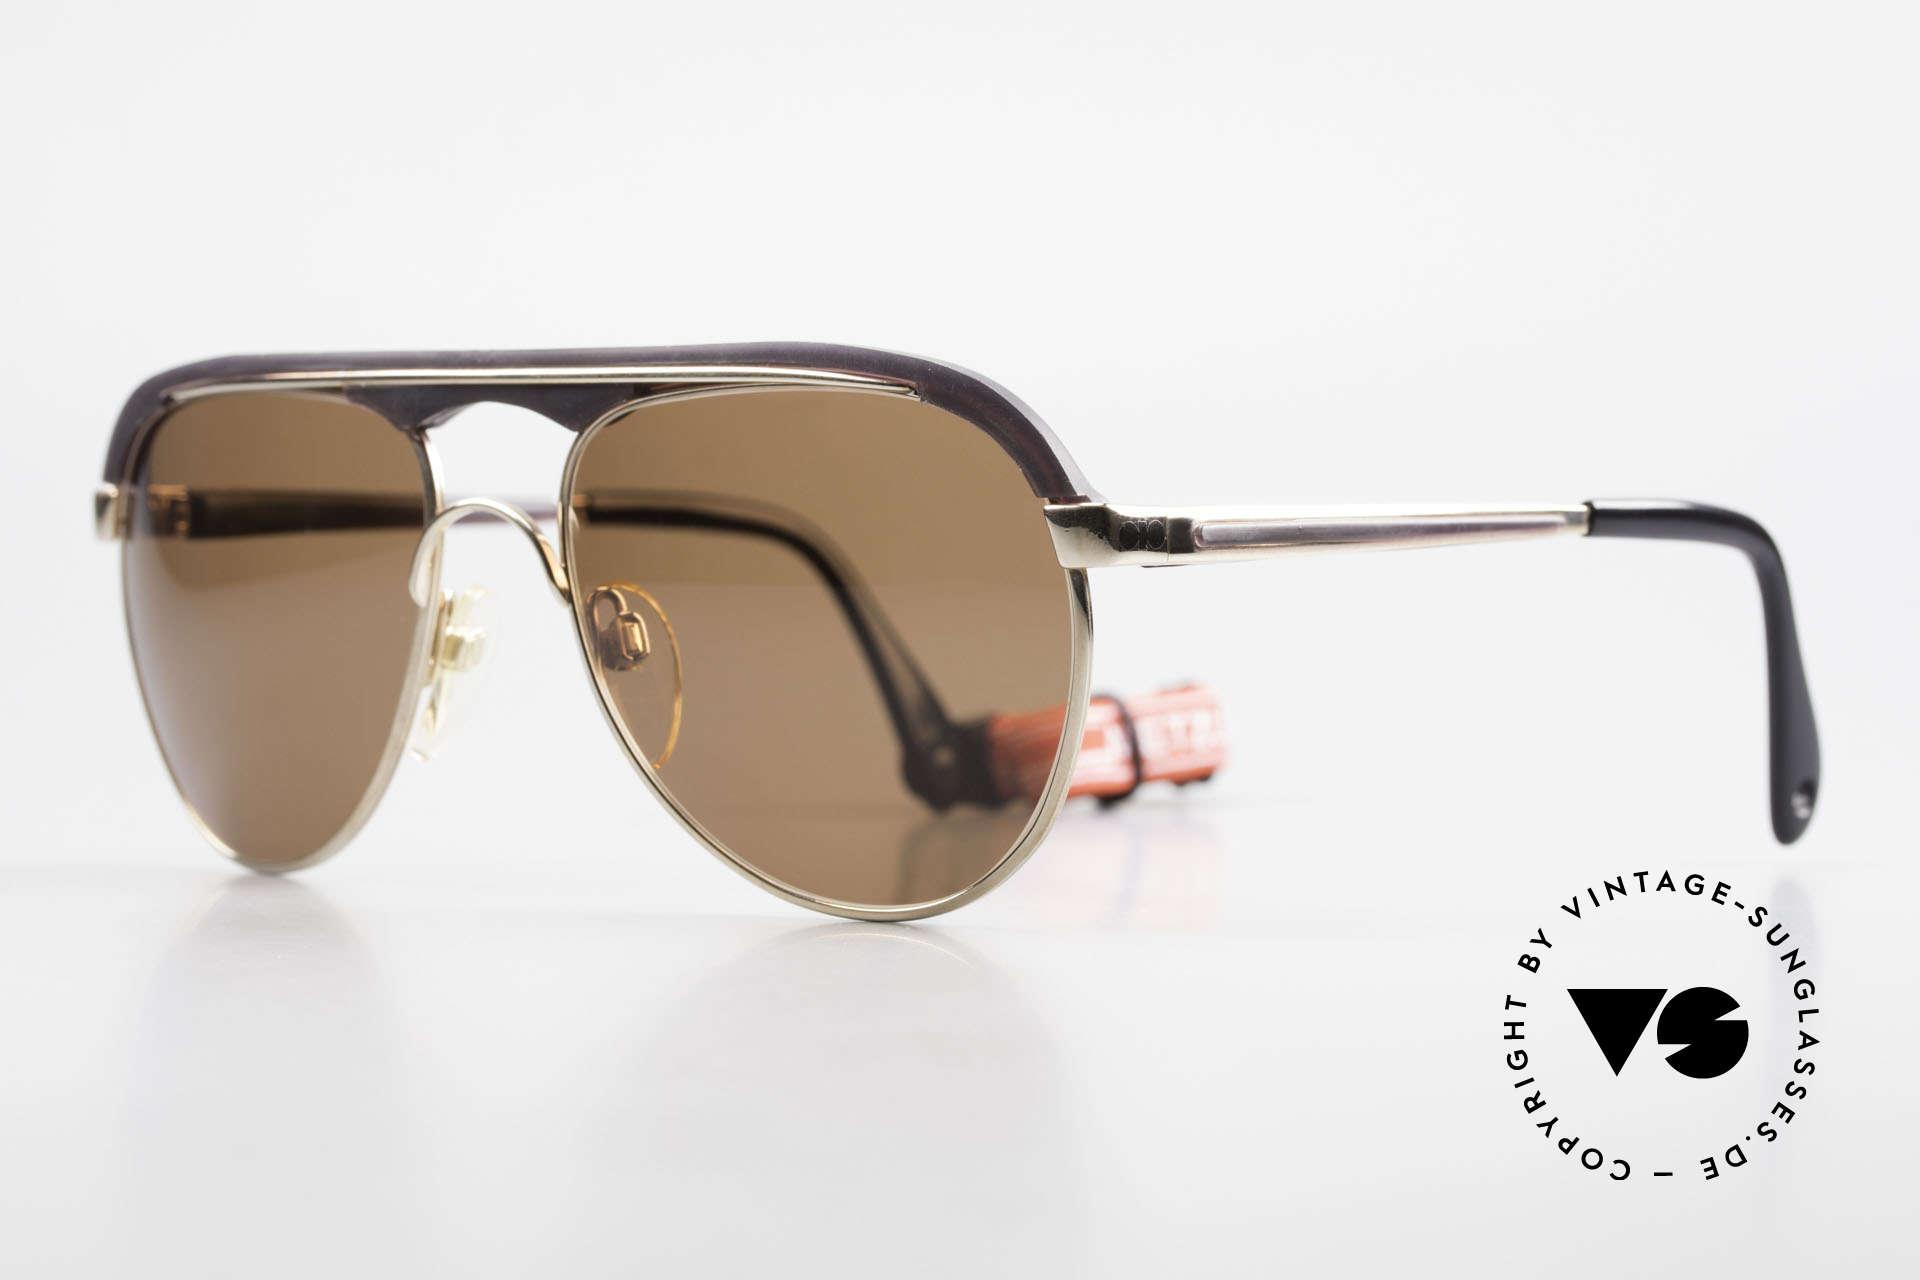 Metzler 0250 Echt 80er Sportsonnenbrille, flexibler, hochwertiger & solider Rahmen (Germany), Passend für Herren